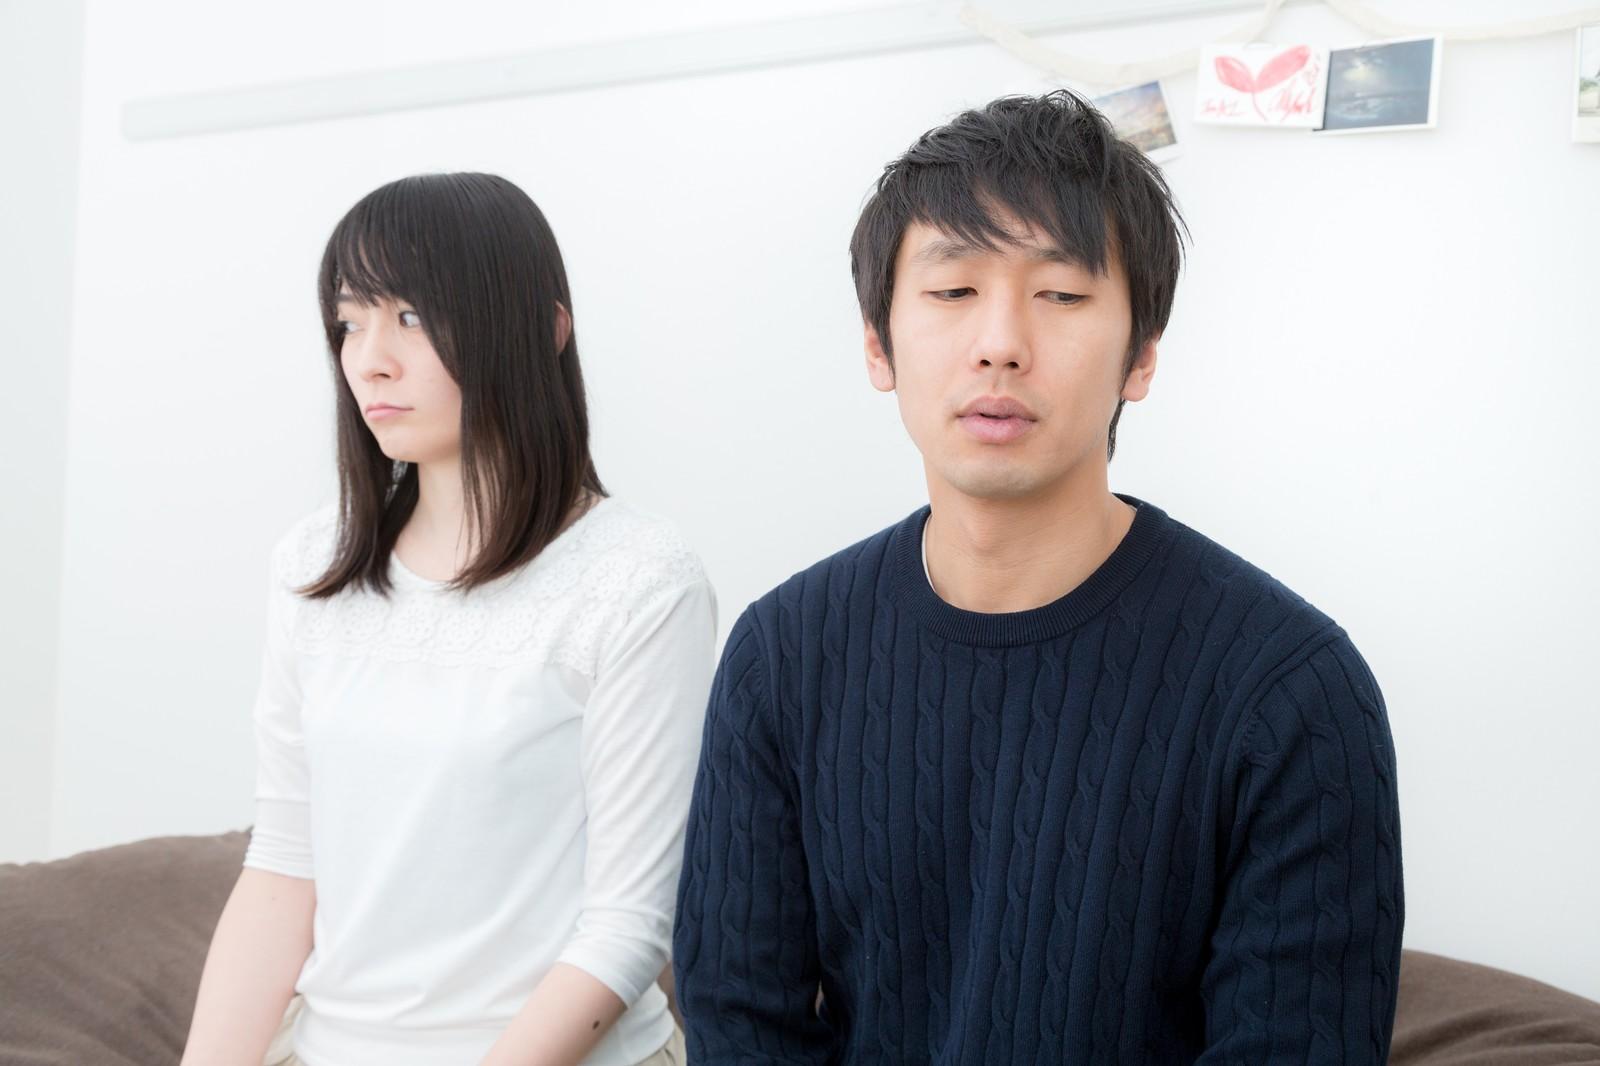 夫婦間の倦怠期を感じるシチュエーションTOP3